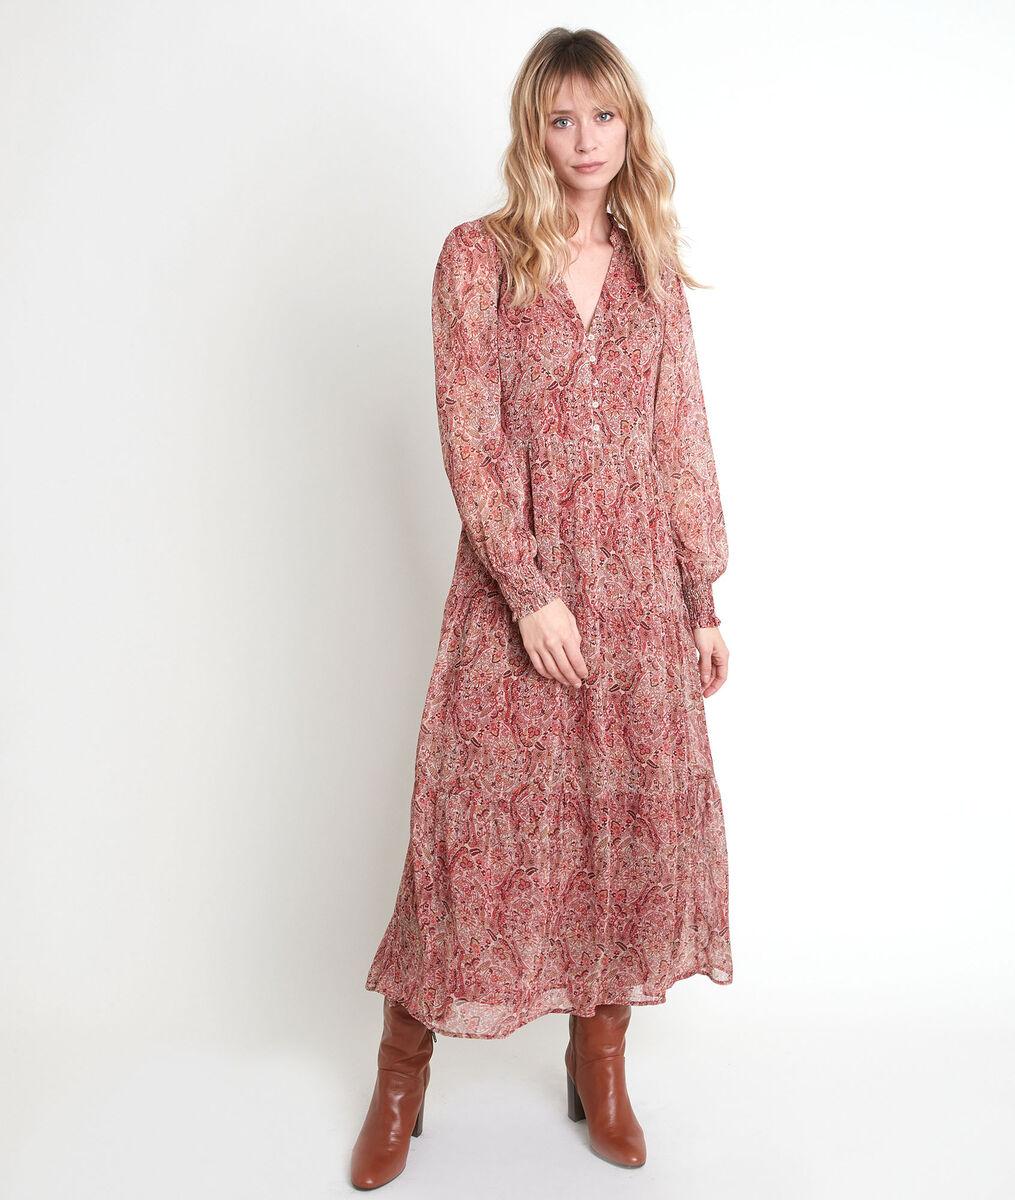 Beigefarbenes, langes Kleid mit Printmuster NADA PhotoZ | 1-2-3